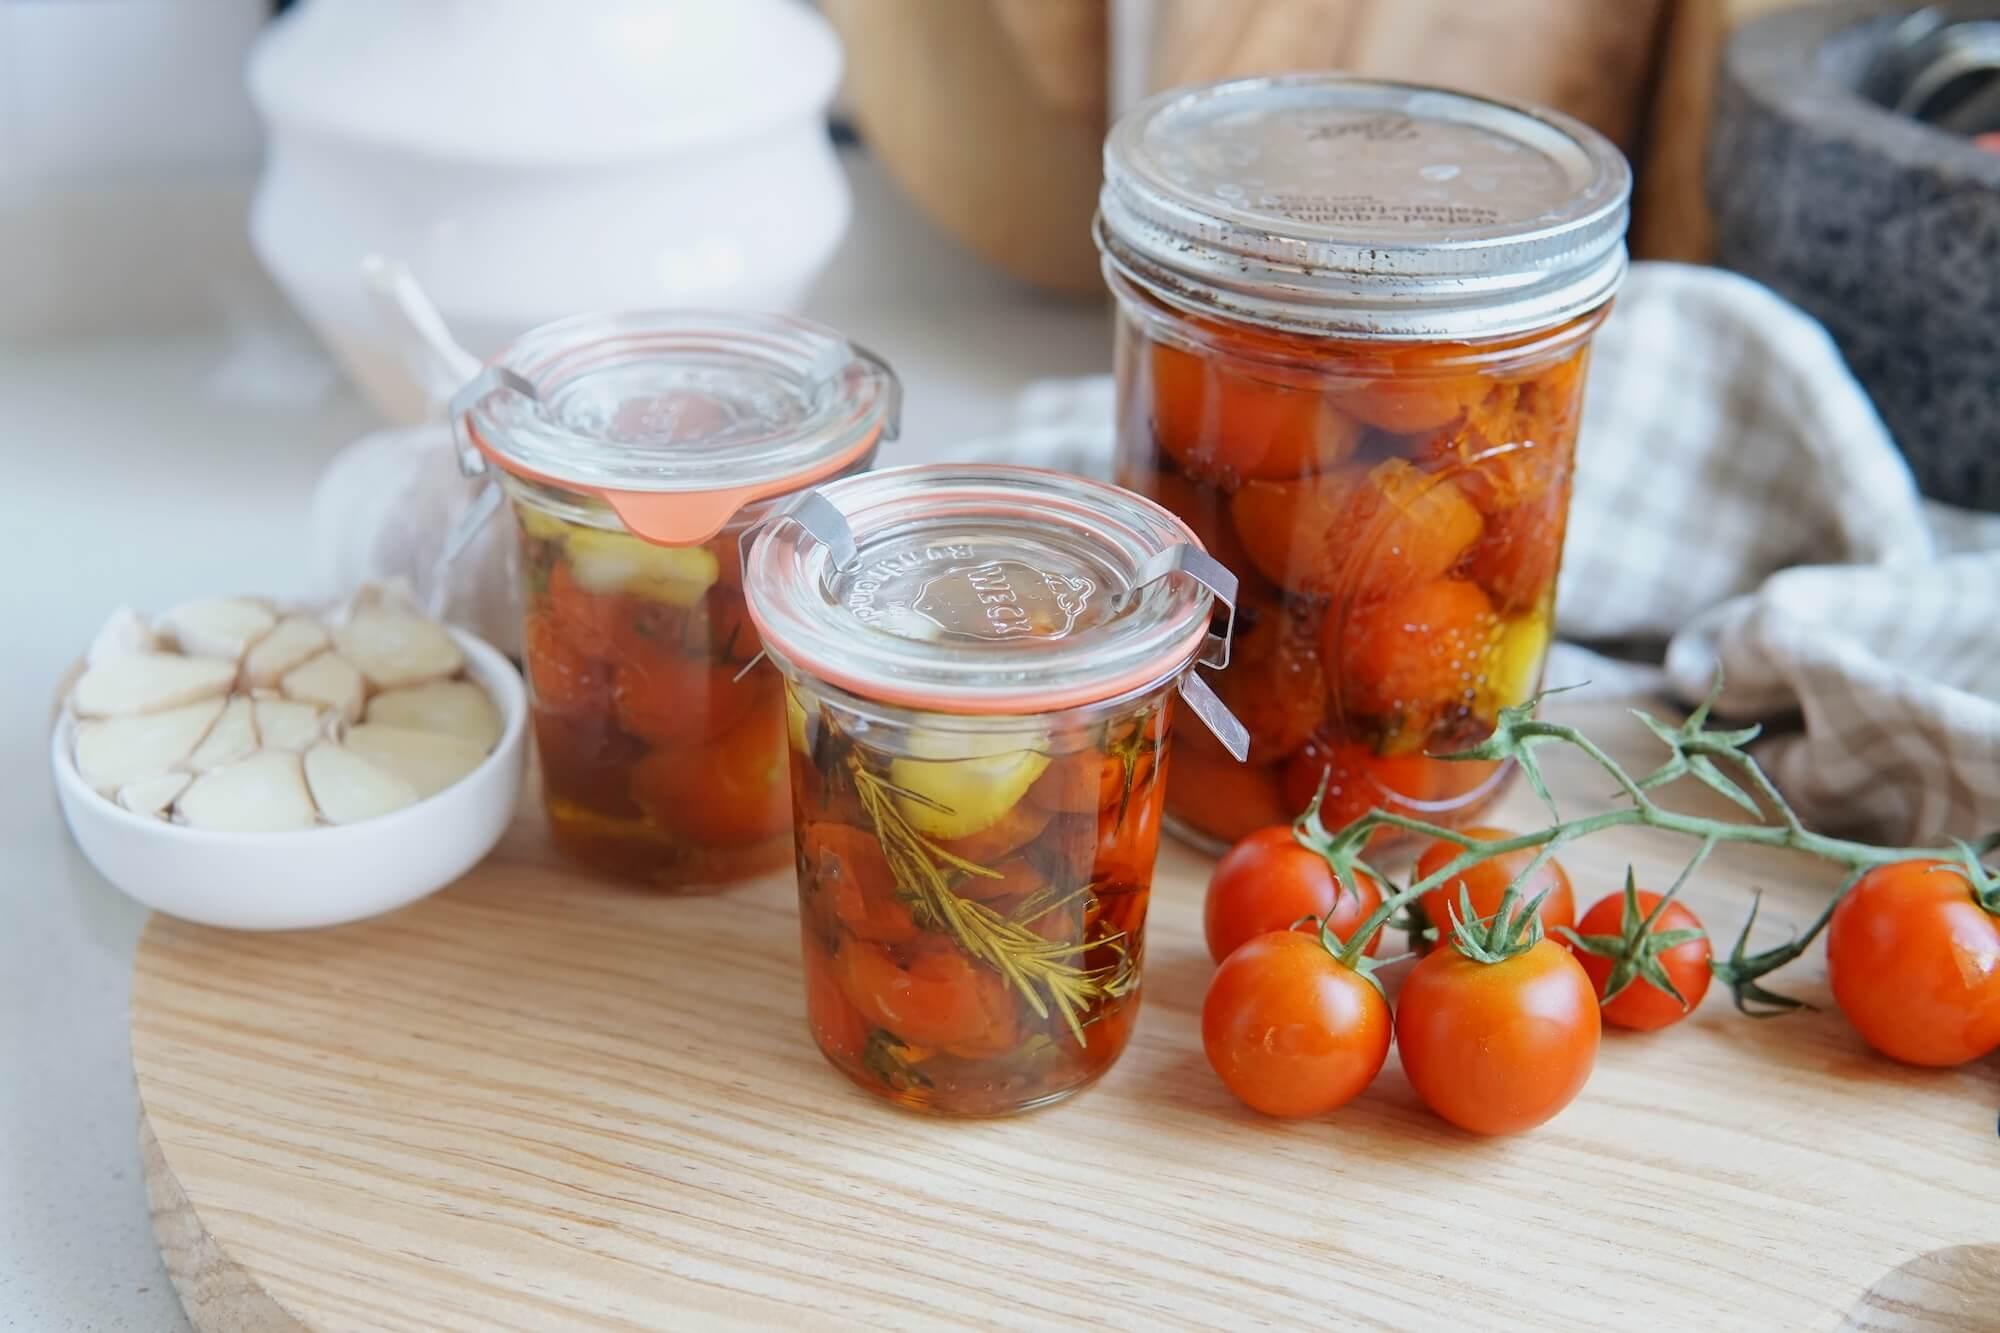 tomates cherry confitados en sarten